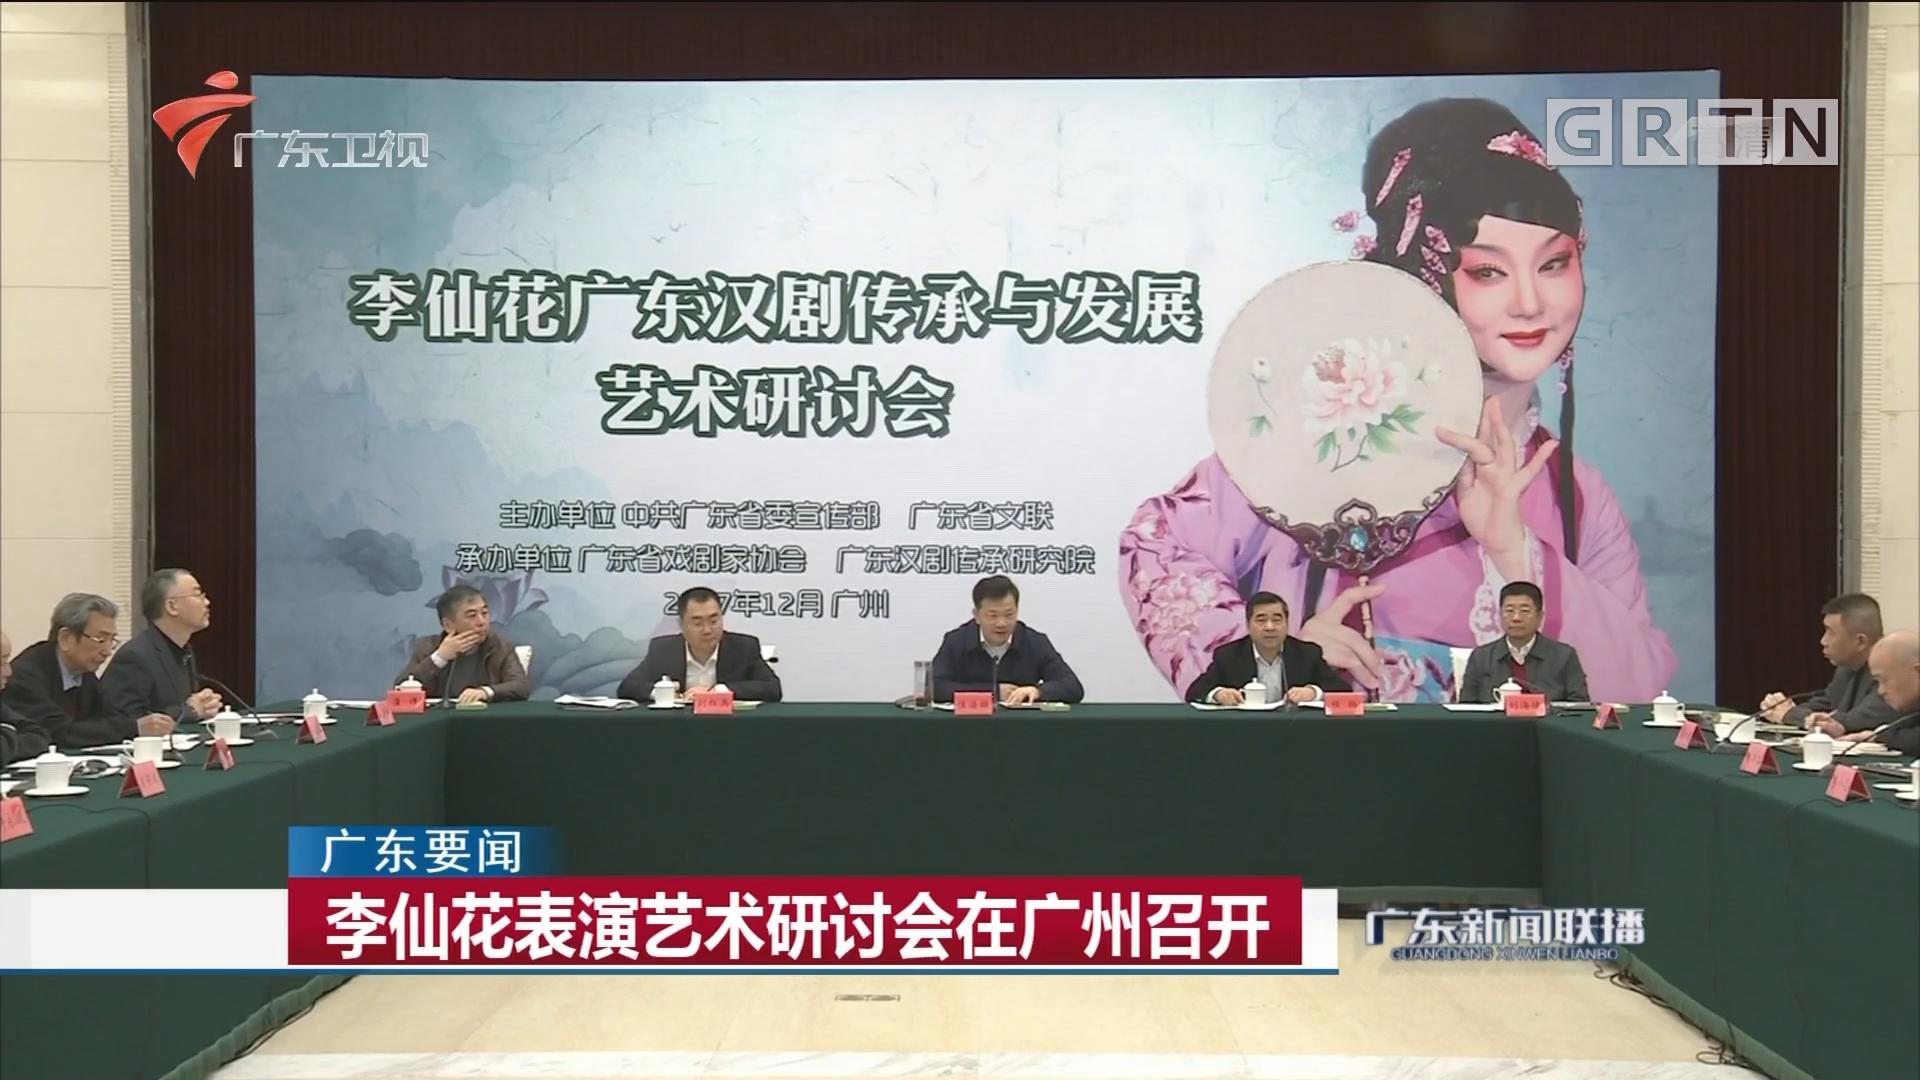 李仙花表演艺术研讨会在广州召开